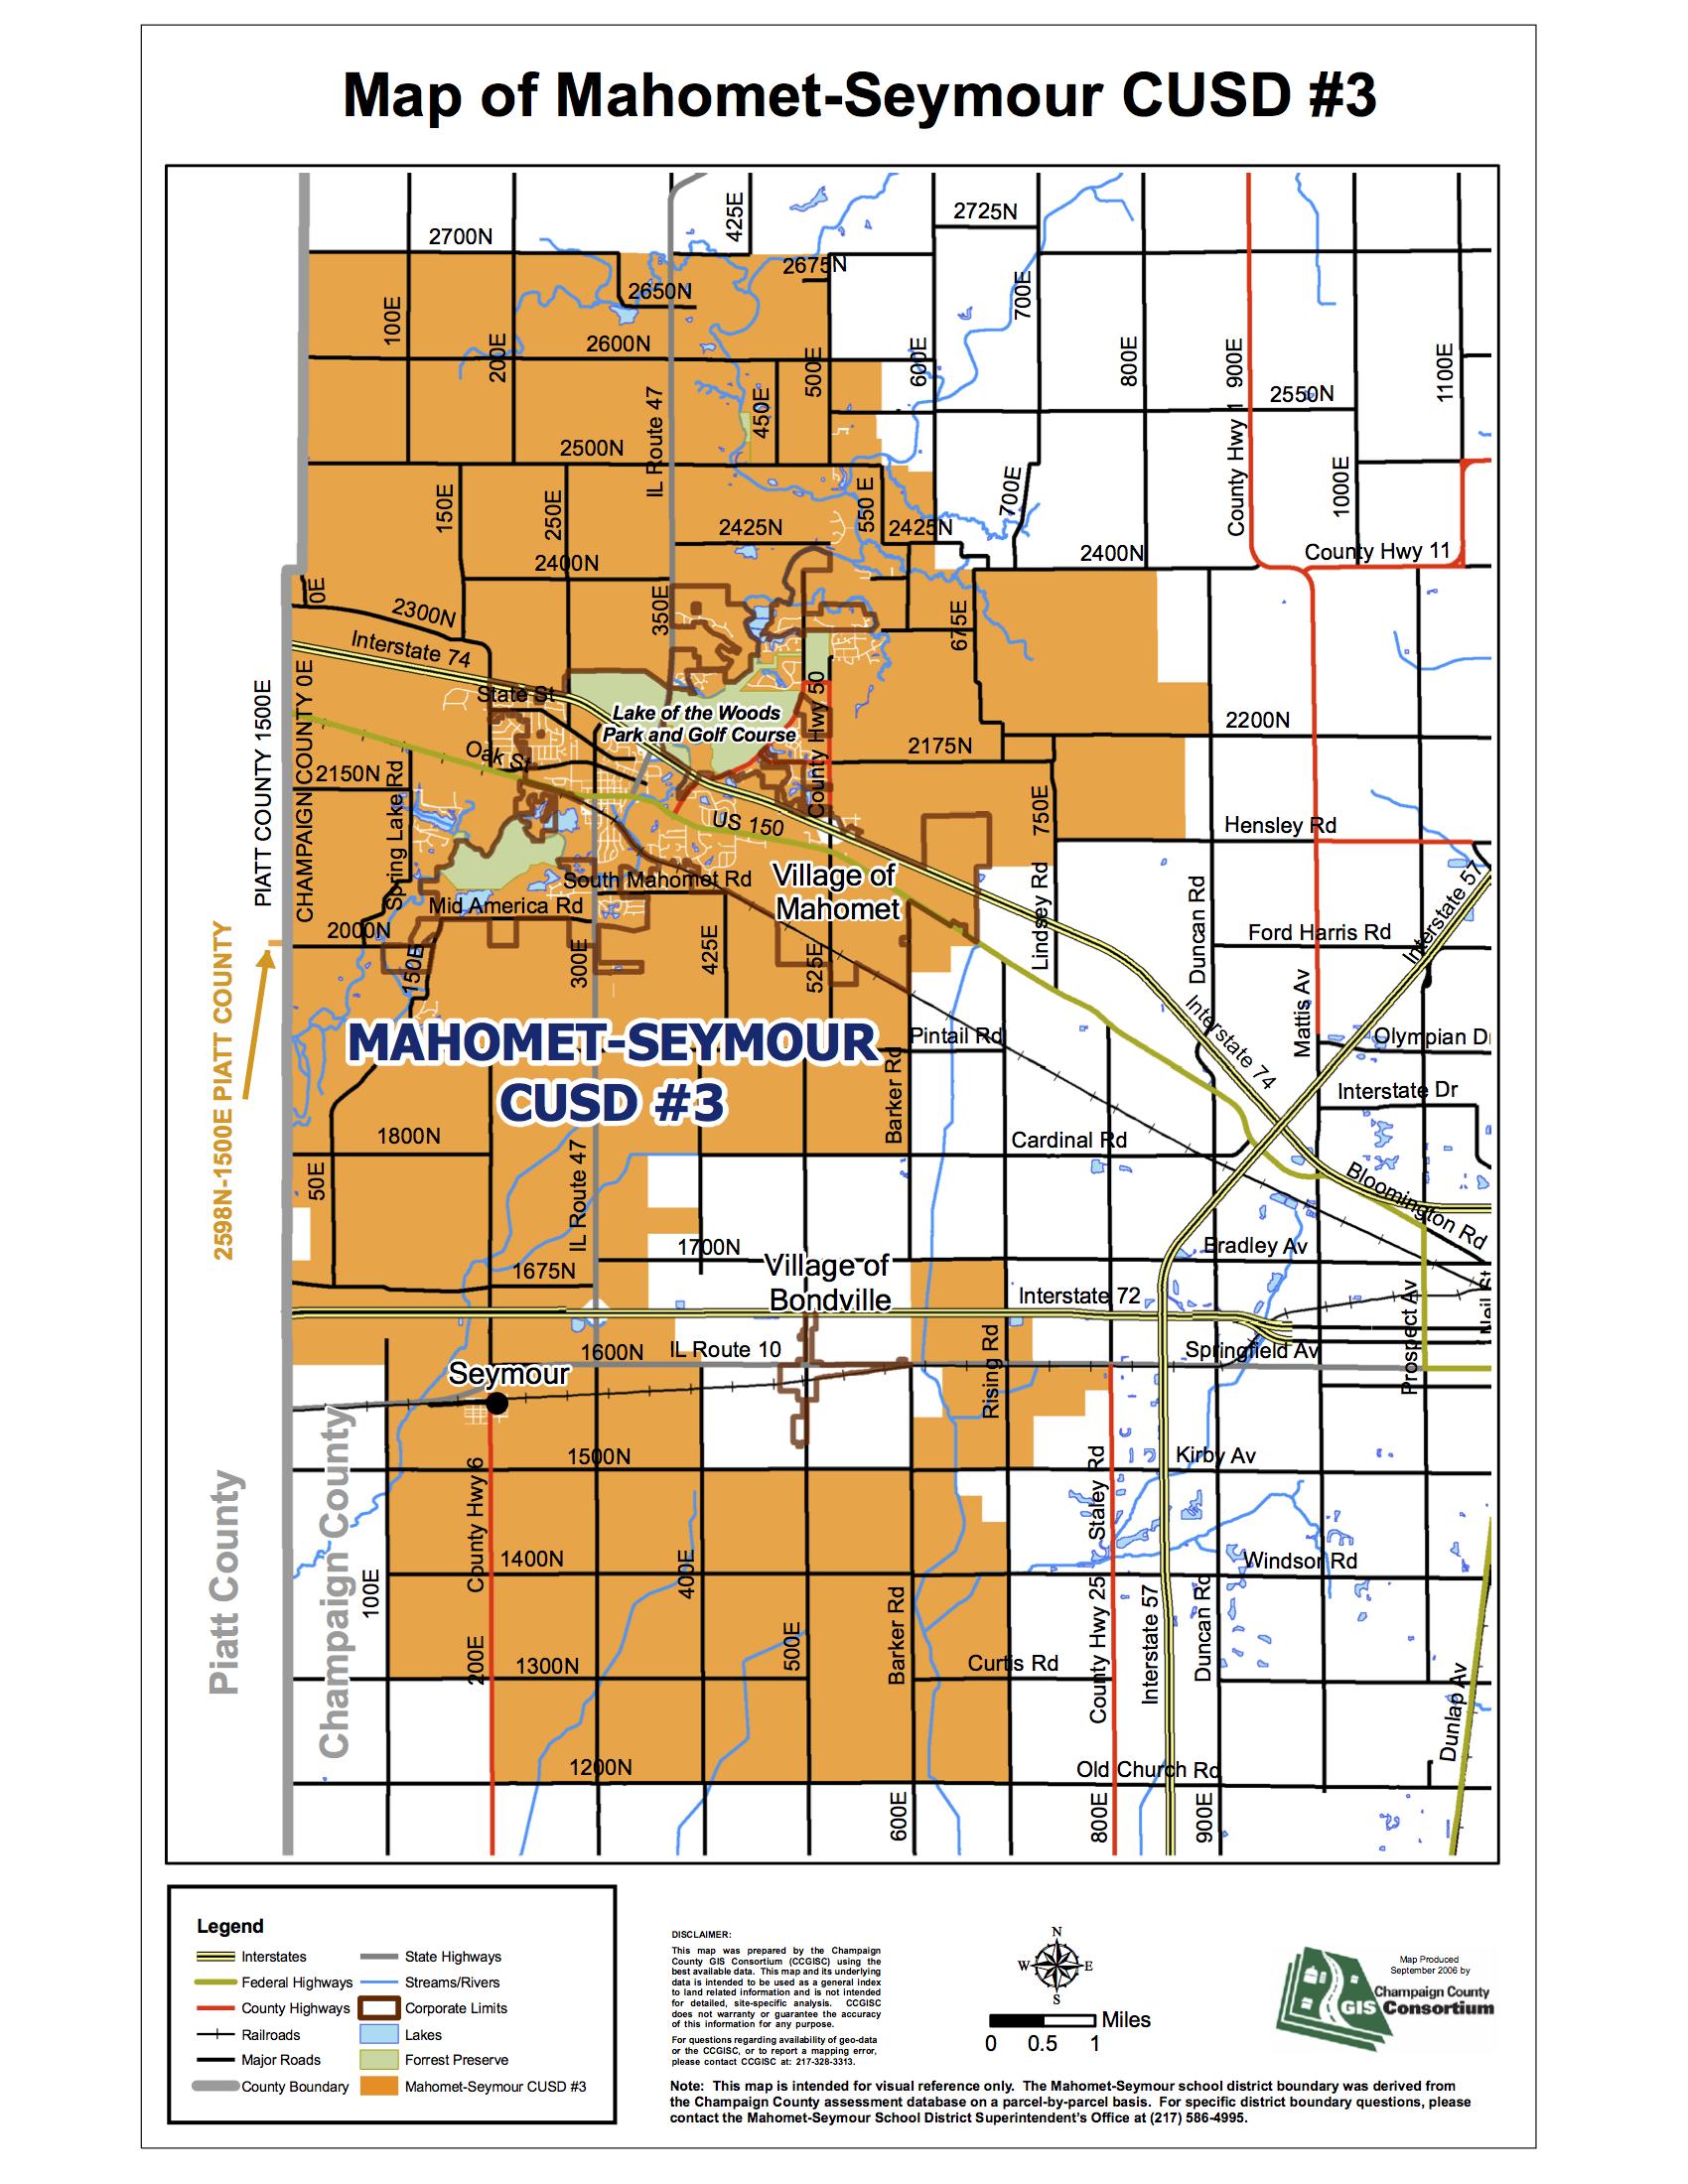 MAP OF MAHOMET-SEYMOUR CUSD #3